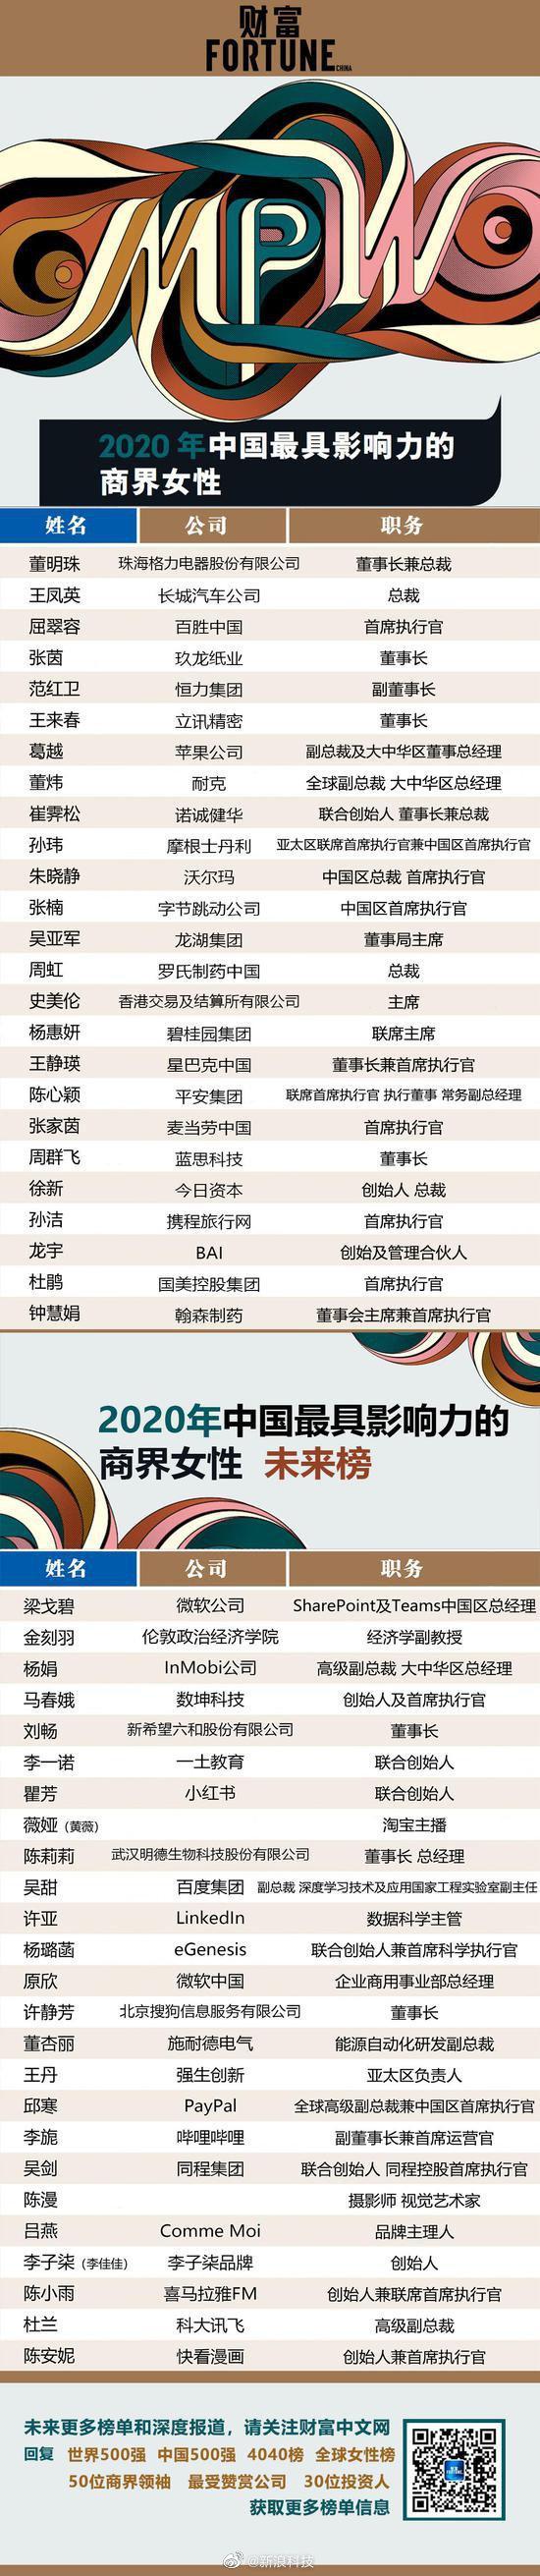 财富2020中国最具影响力商界女性:董明珠榜首